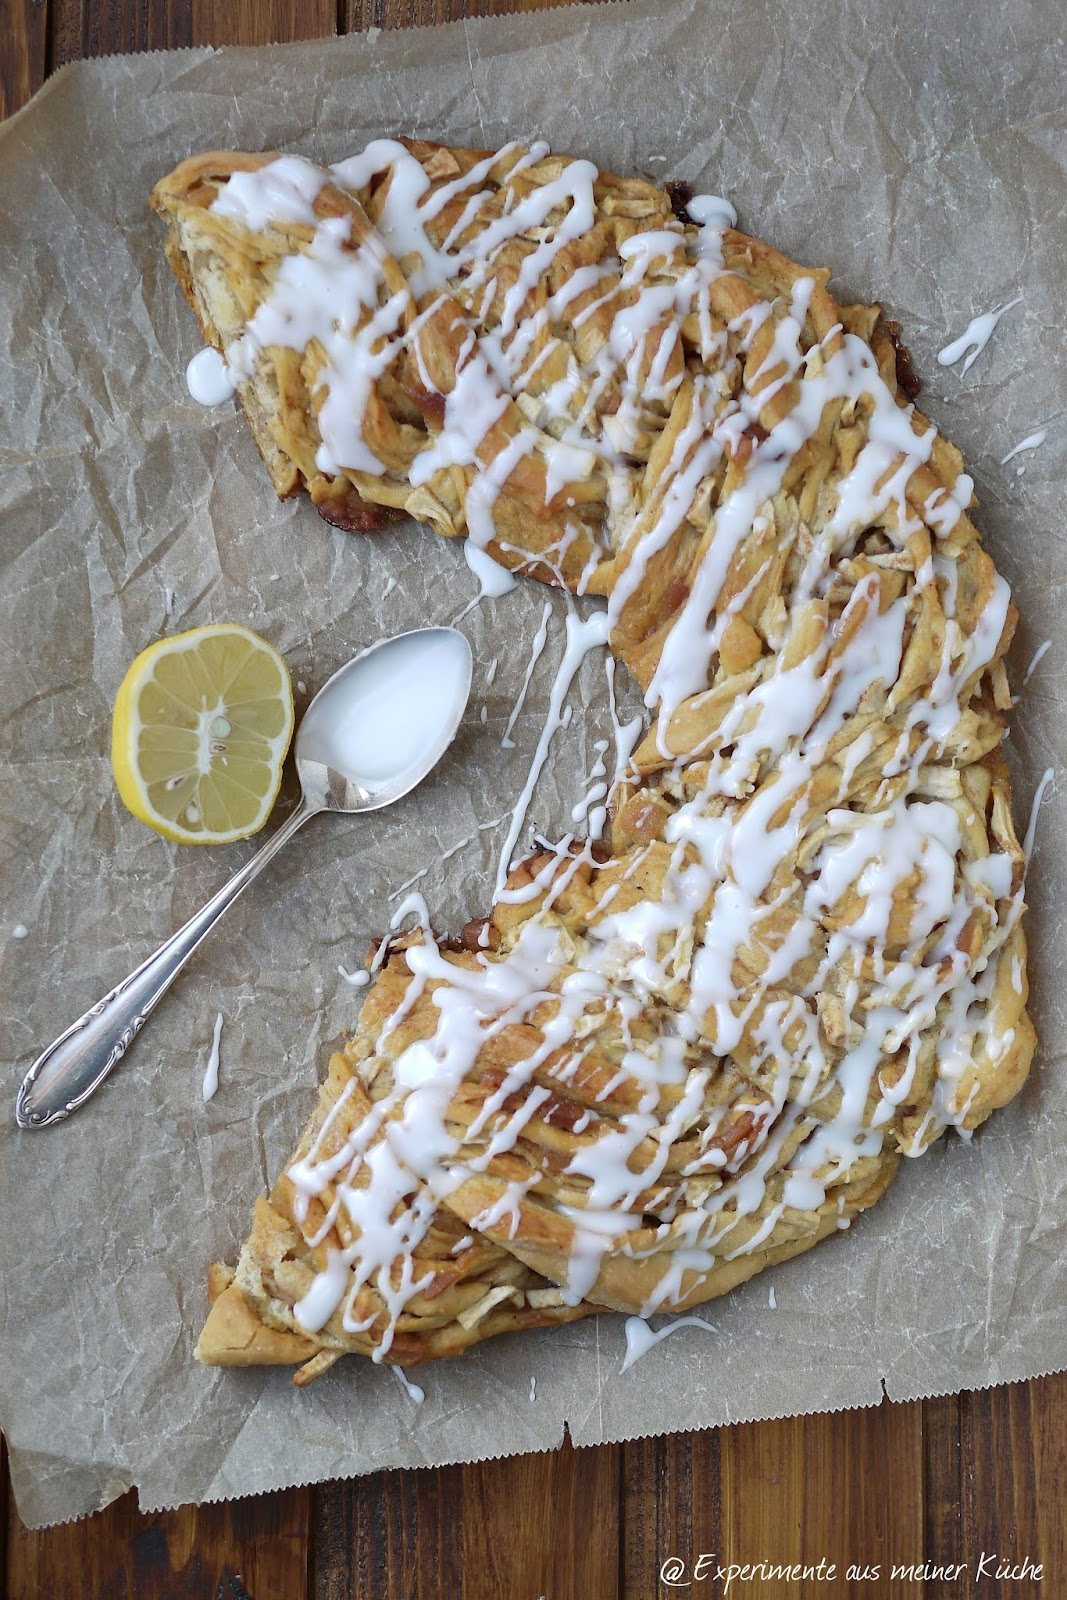 Experimente aus meiner Küche: Bratapfel-Marzipan-Kranz